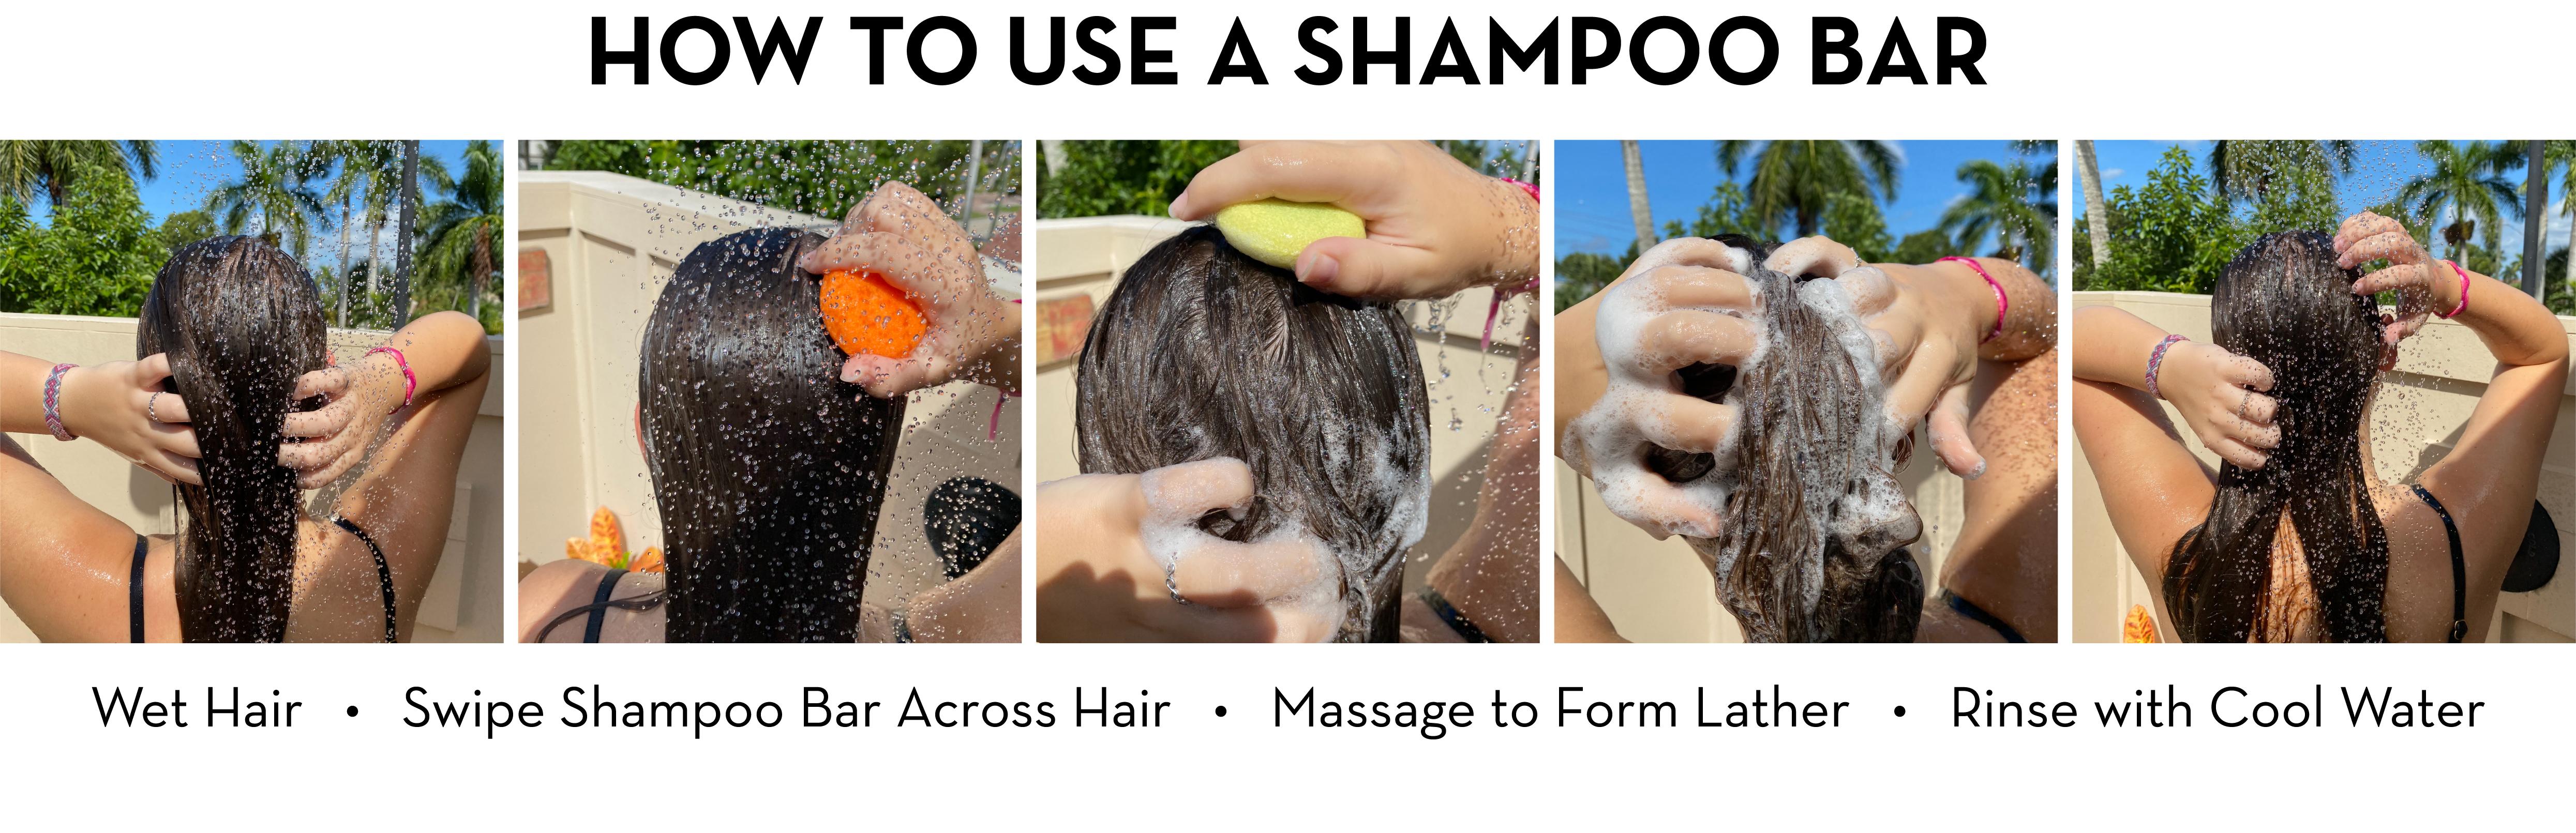 How to Use a Shampoo Bar